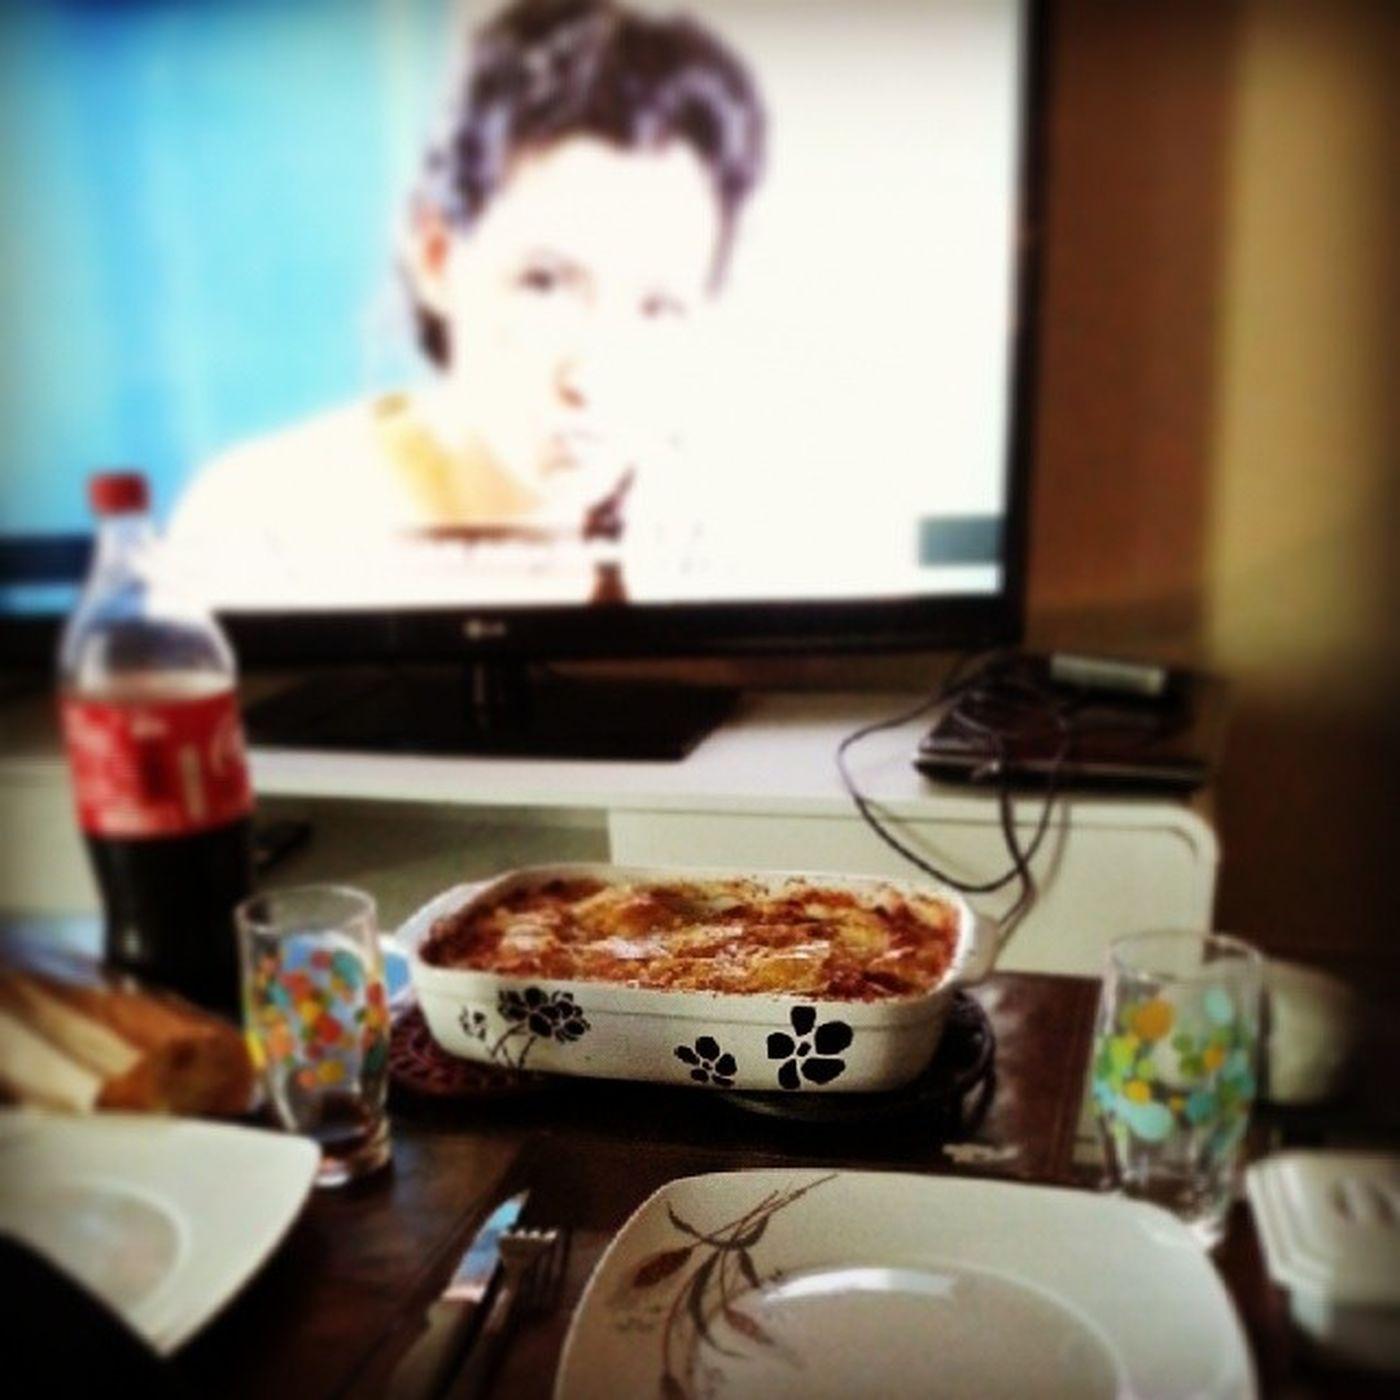 Diner Tartiflette Bon Appetit mangerpeace